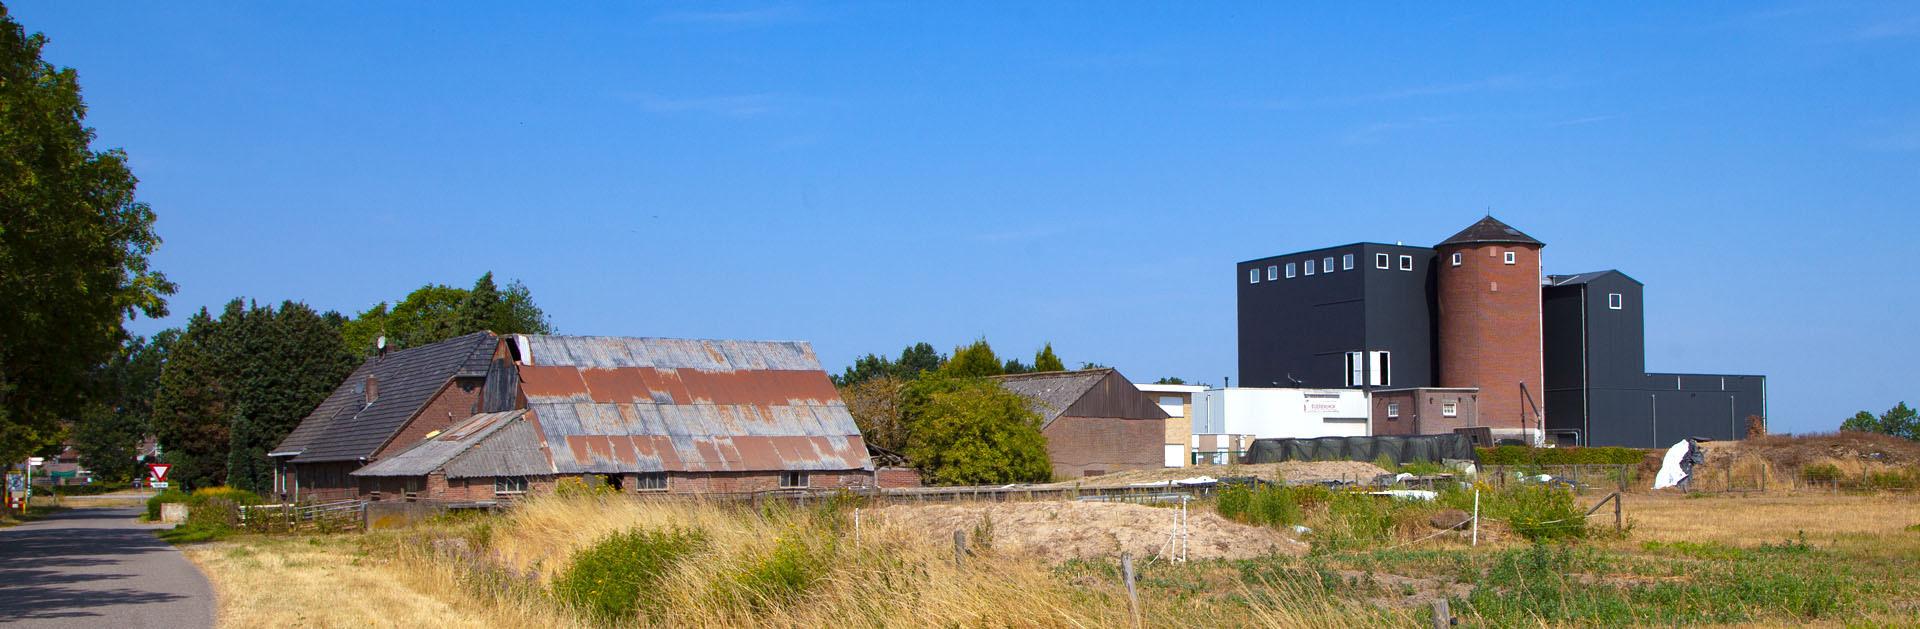 Molen van Rijswijk - Wehl Regio Achterhoek - Liemers